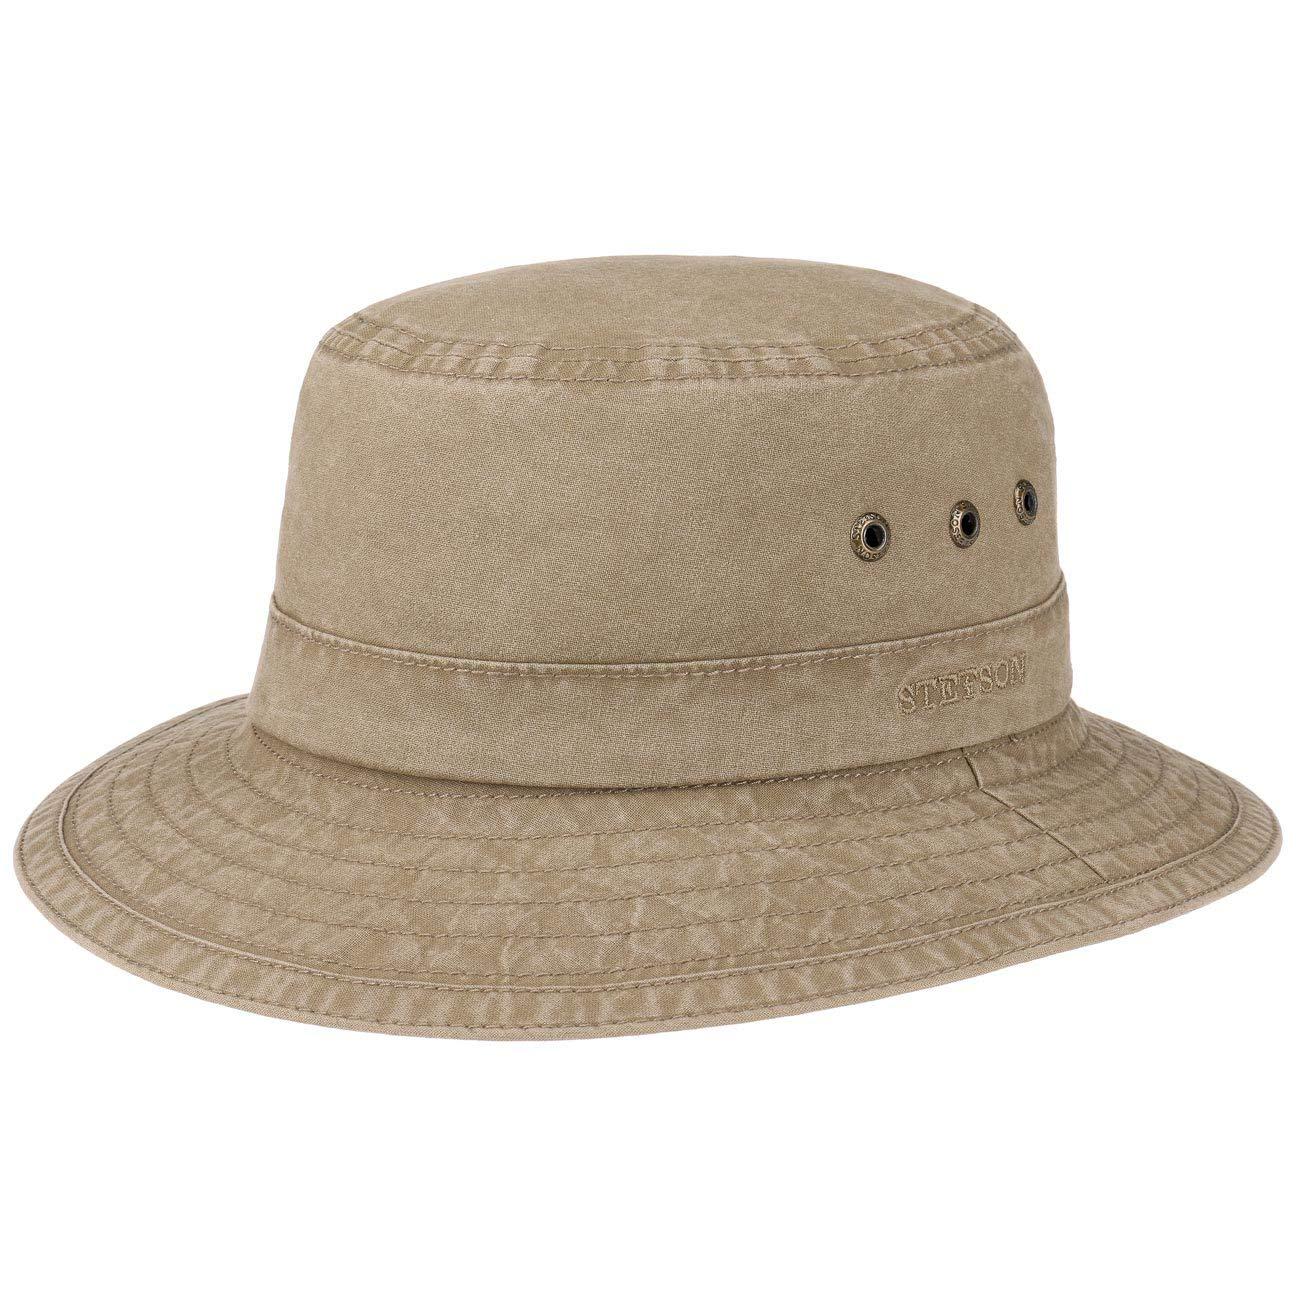 Stetson Reston Cappello da Pescatore vacanza estivo